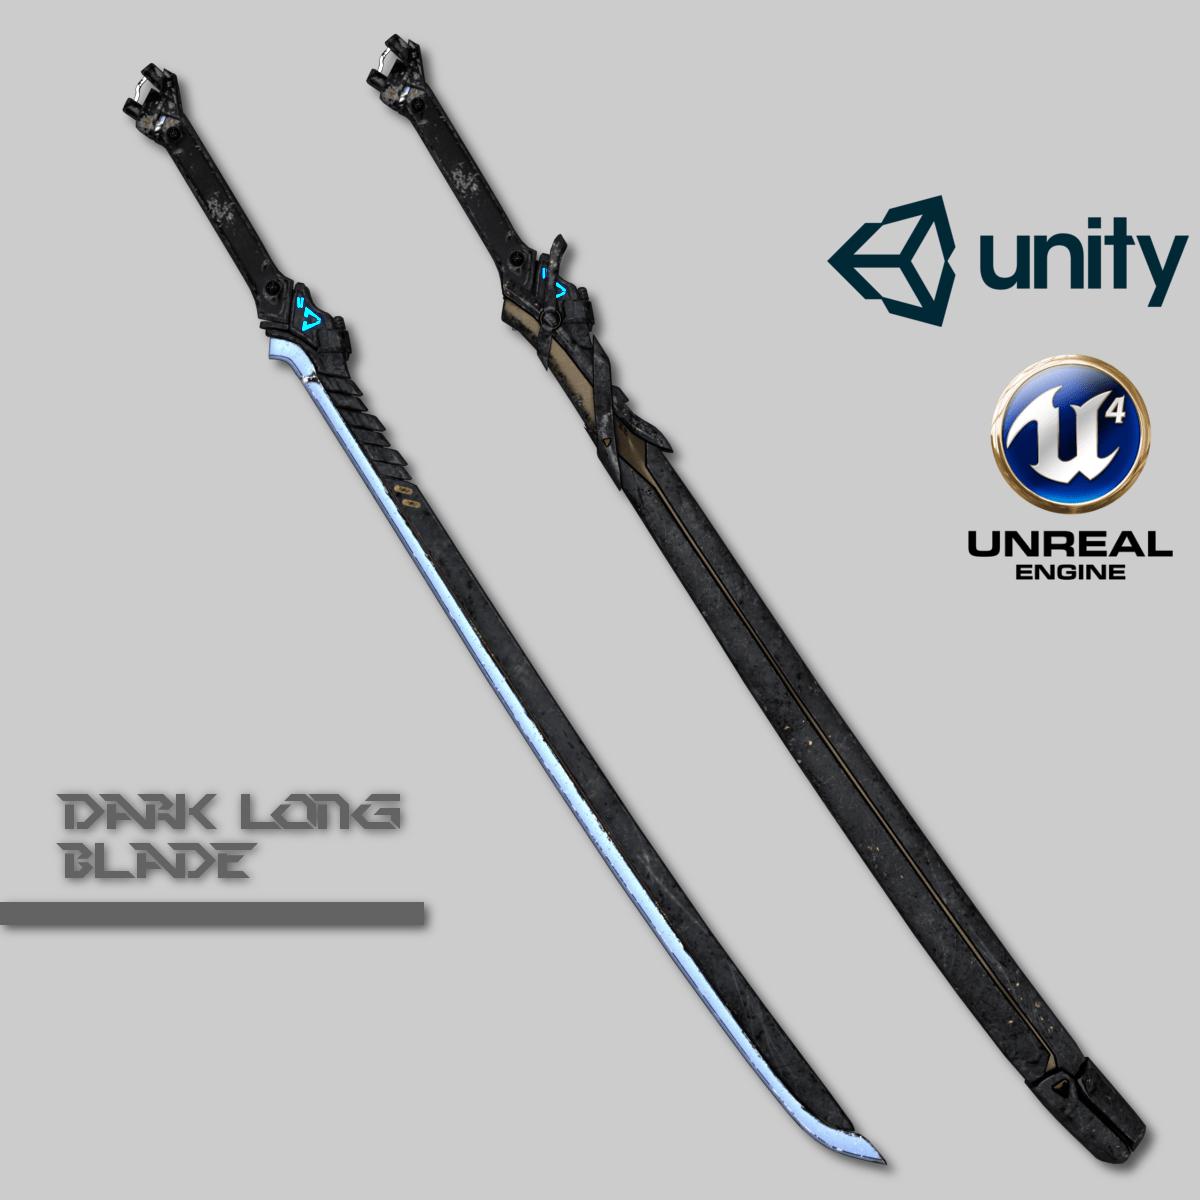 Dark Long Blade 3d Model